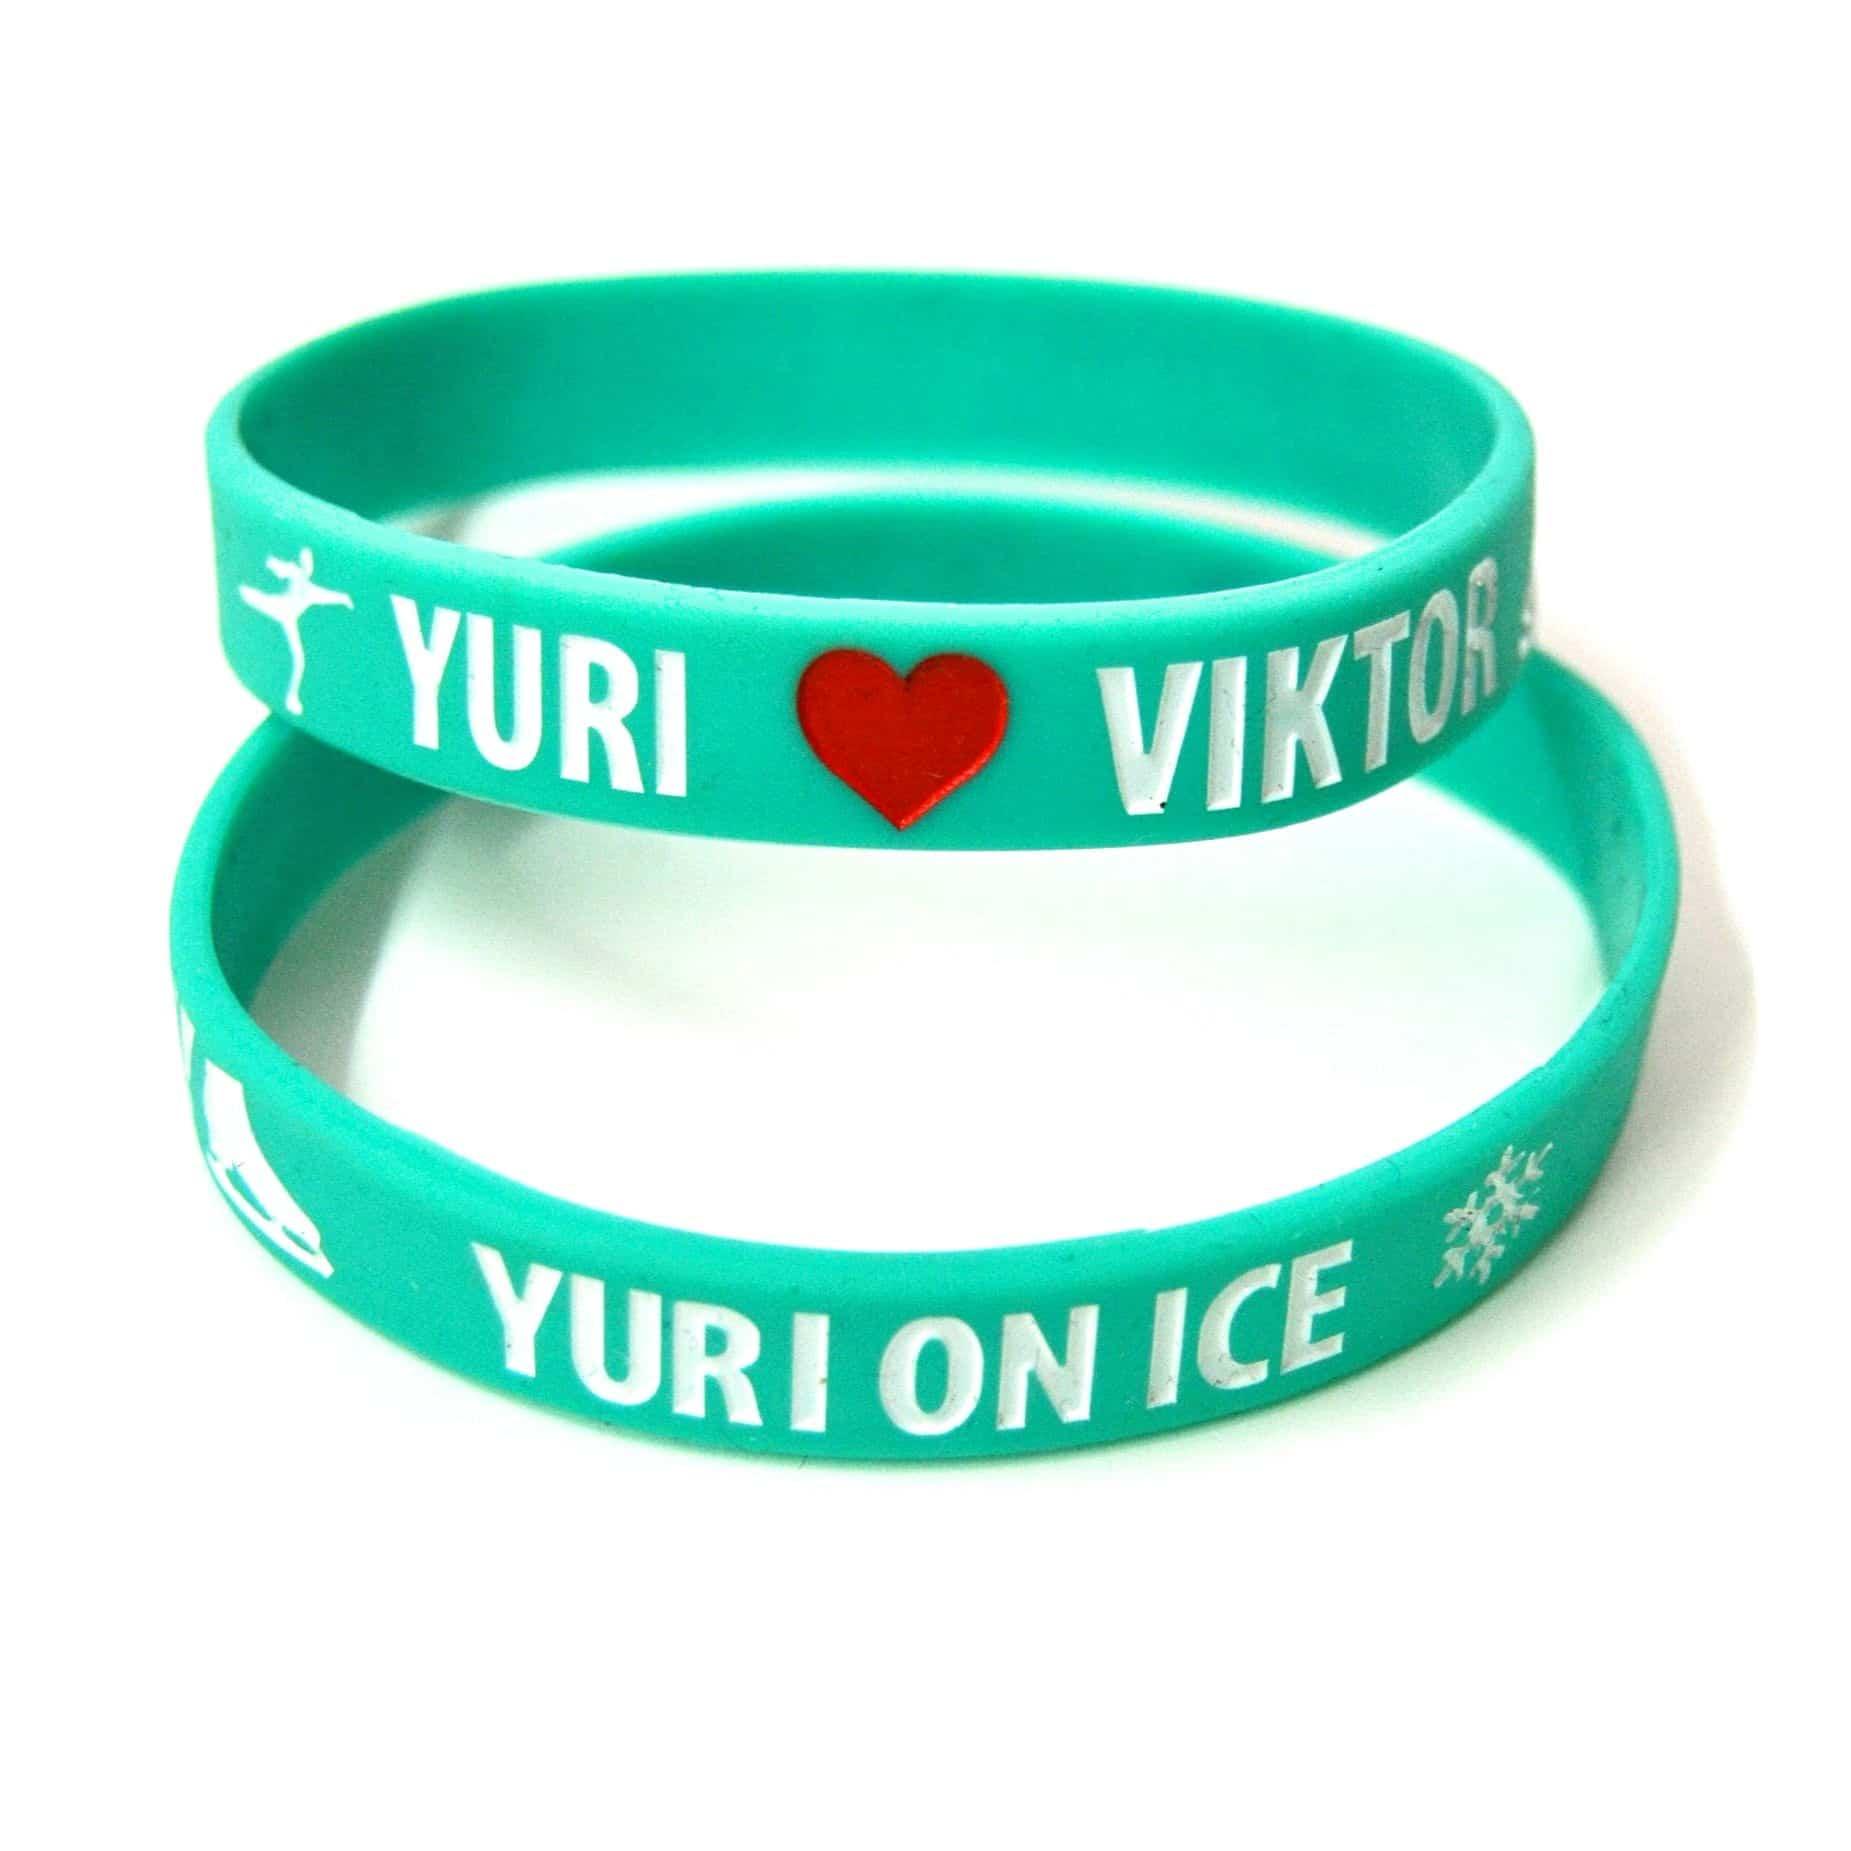 yuri on ice, pulsera yuri on ice, pulseras anime, pulsera anime, anime, yuri on ice, pulseras frikis